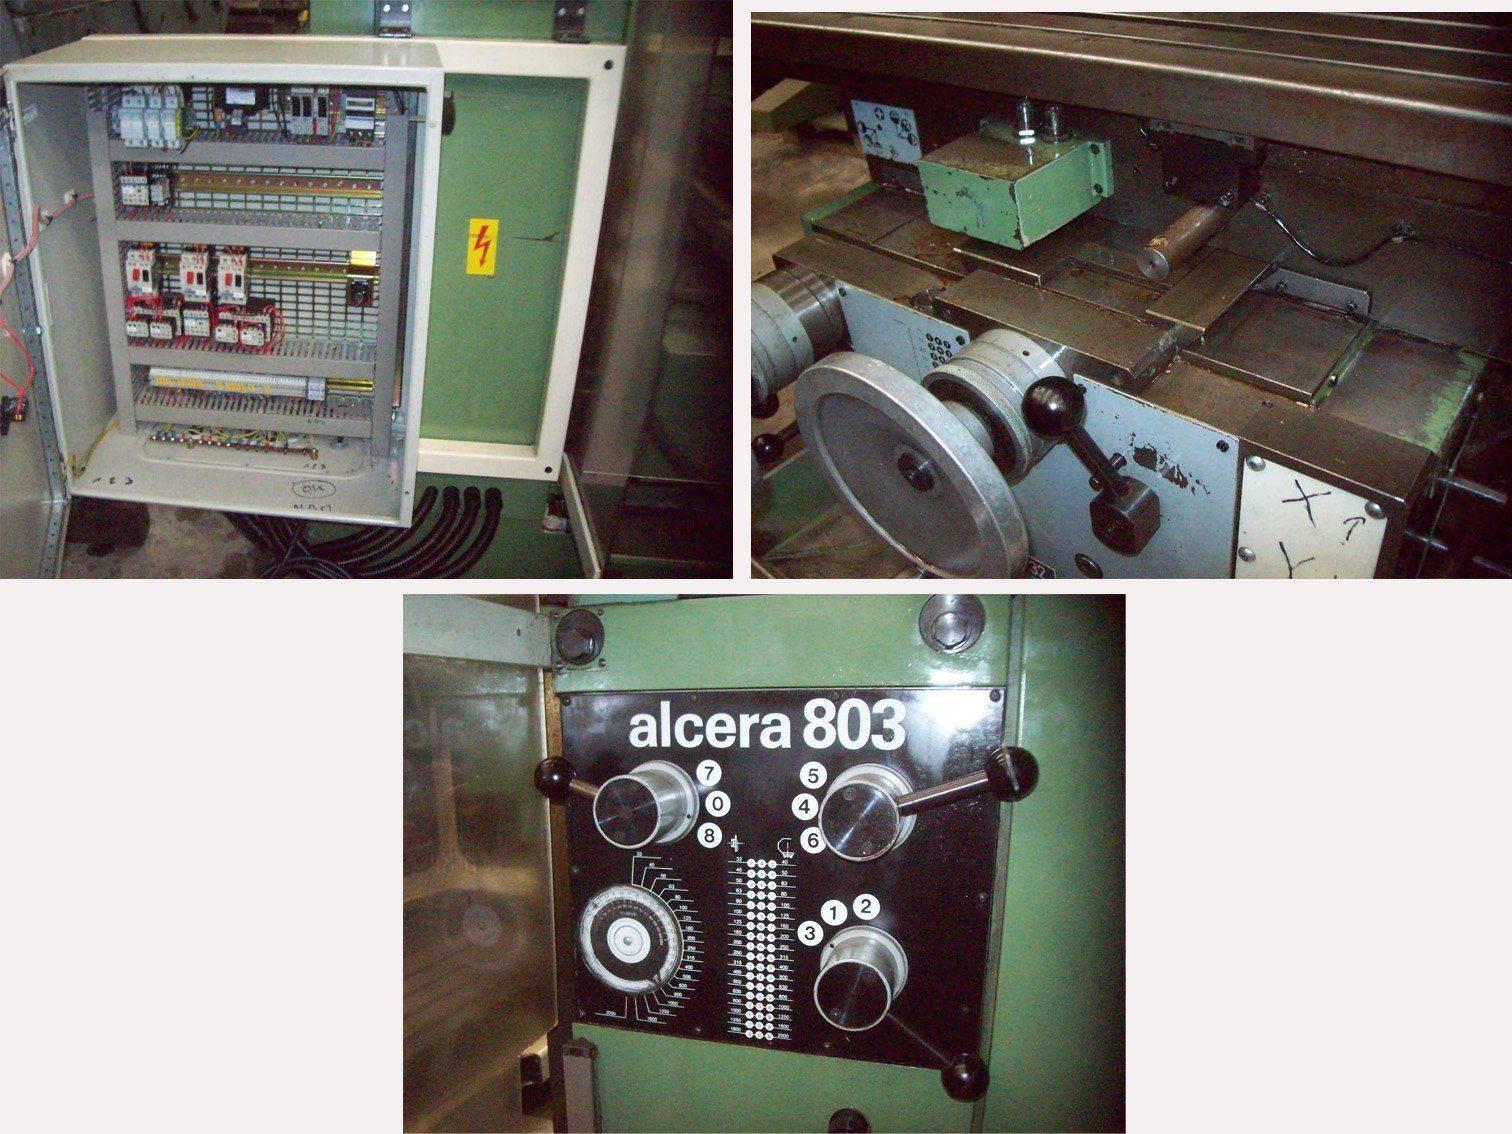 alcera1.jpg